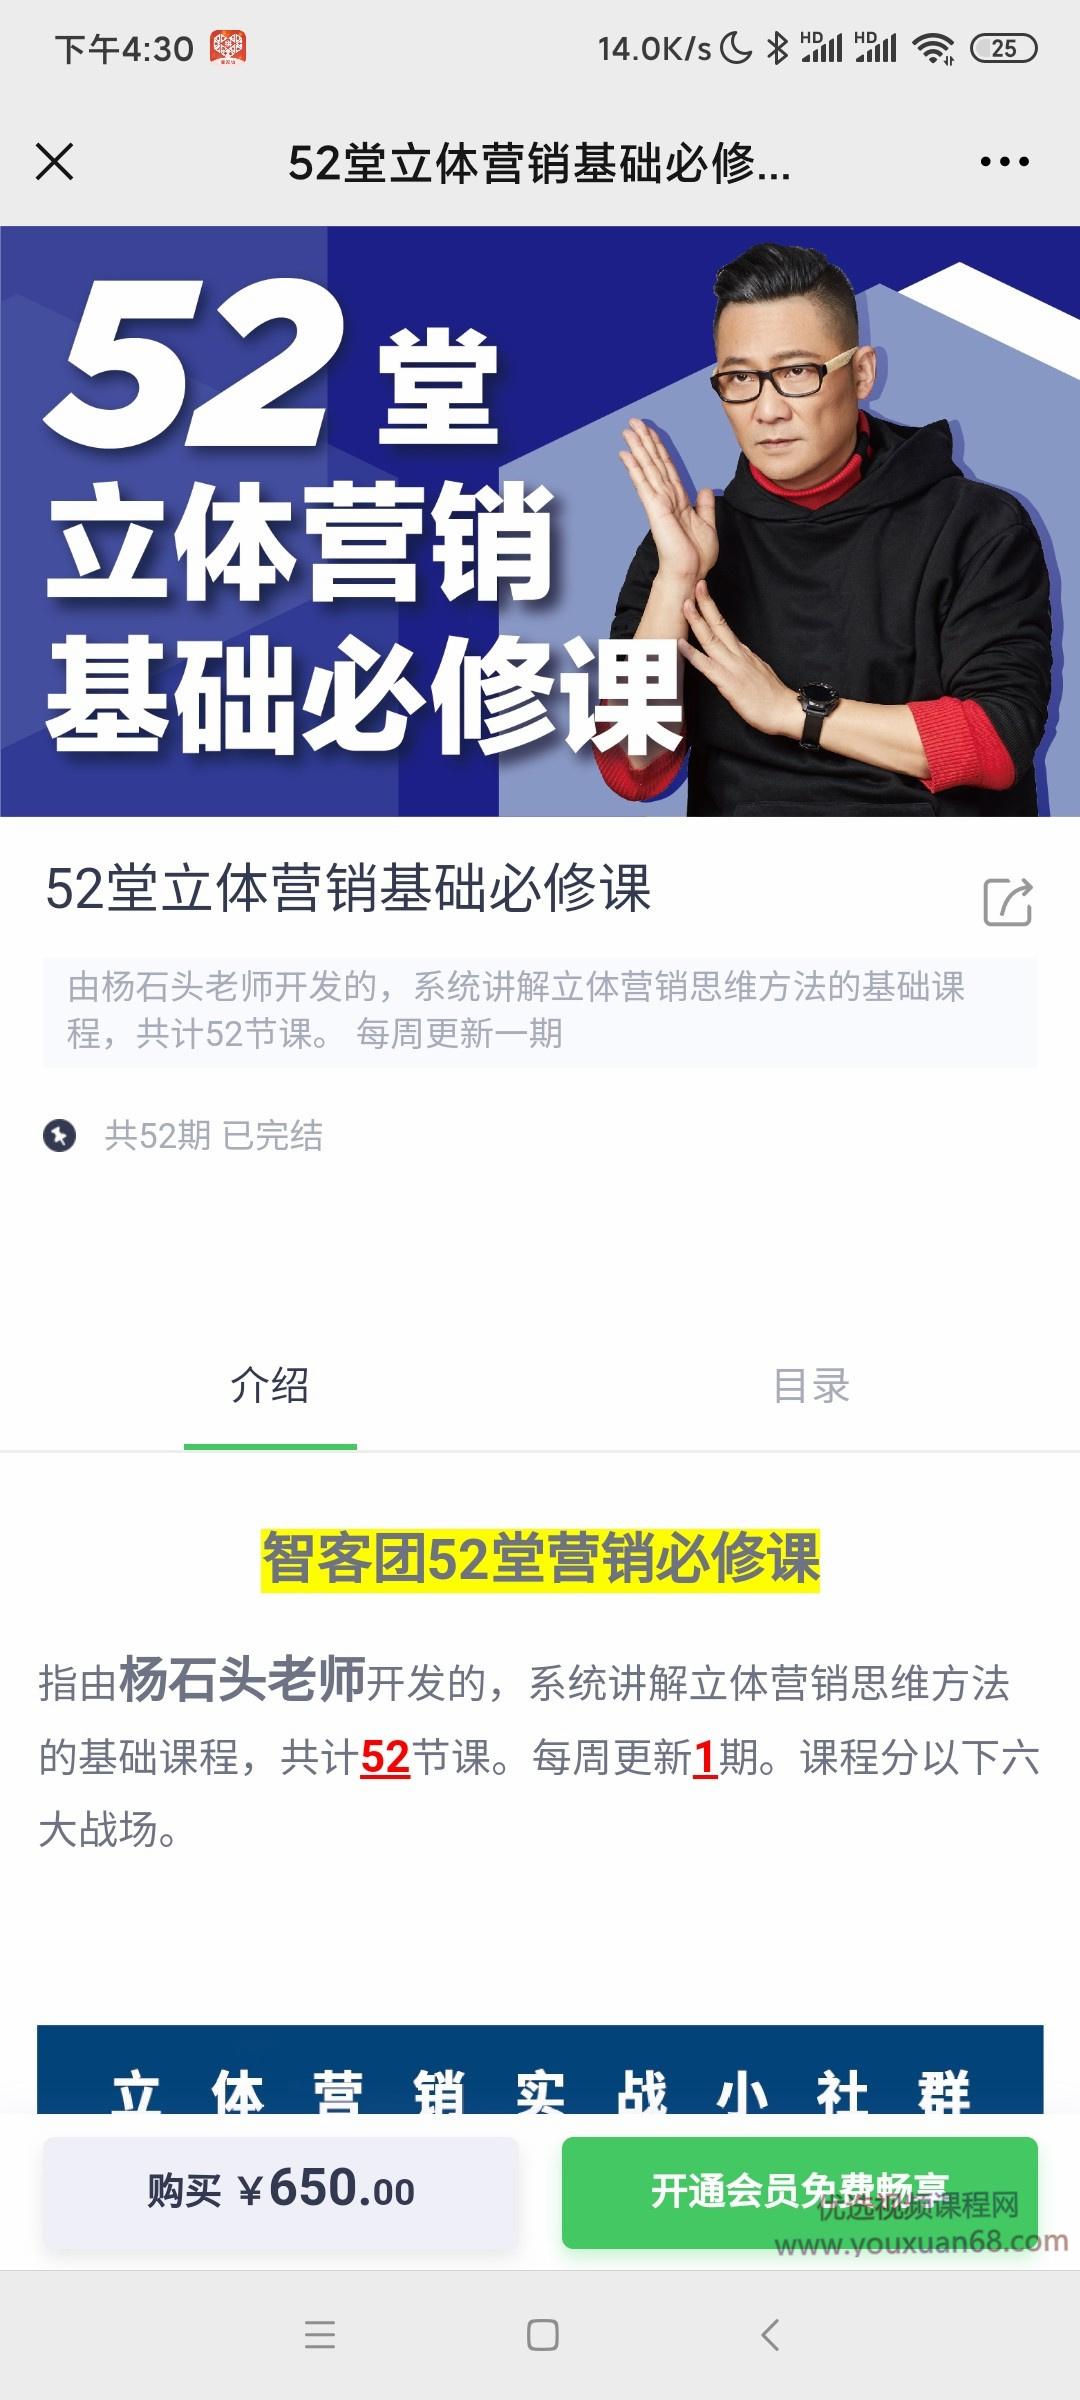 智客团杨石头52堂立体营销基础必修课